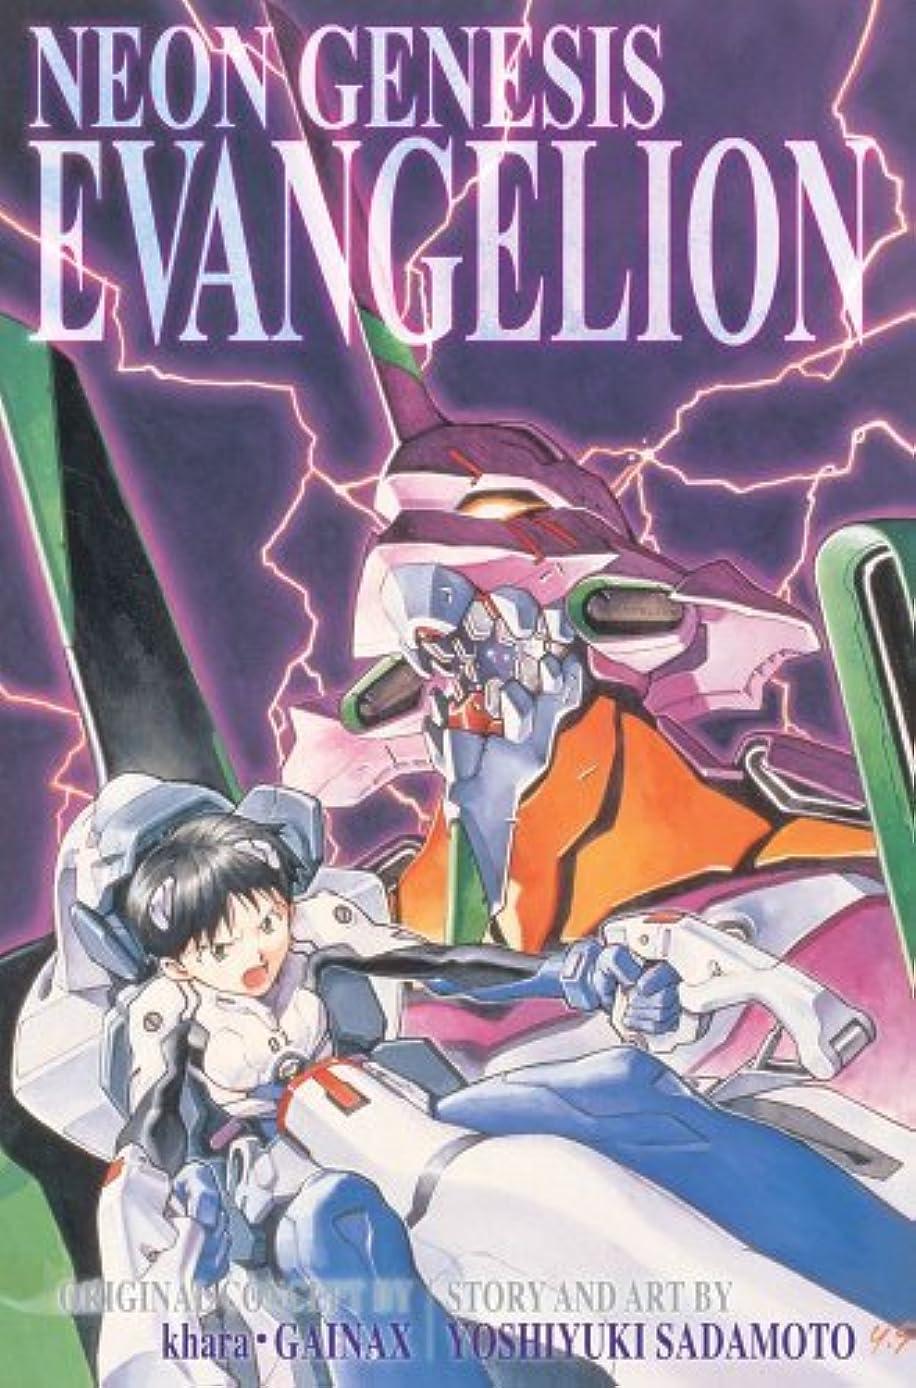 治すブリードトランザクションNeon Genesis Evangelion 3-in-1 Edition, Vol. 1 (English Edition)